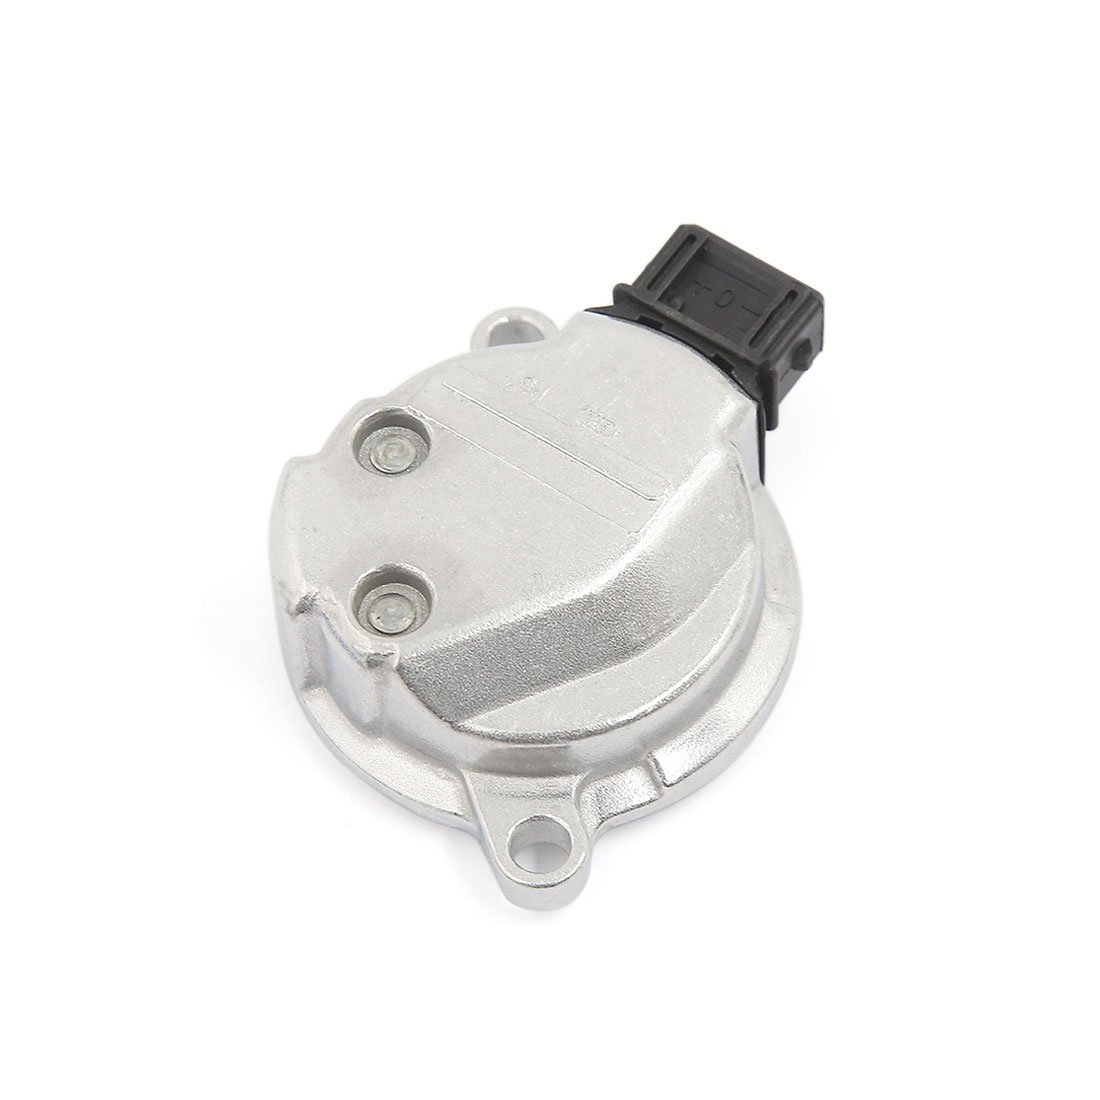 Amazon.com: eDealMax CPS Sensor del árbol de levas Nuevo Motor de árbol de levas de posición Para Audi Volkswagen 058905161B: Automotive